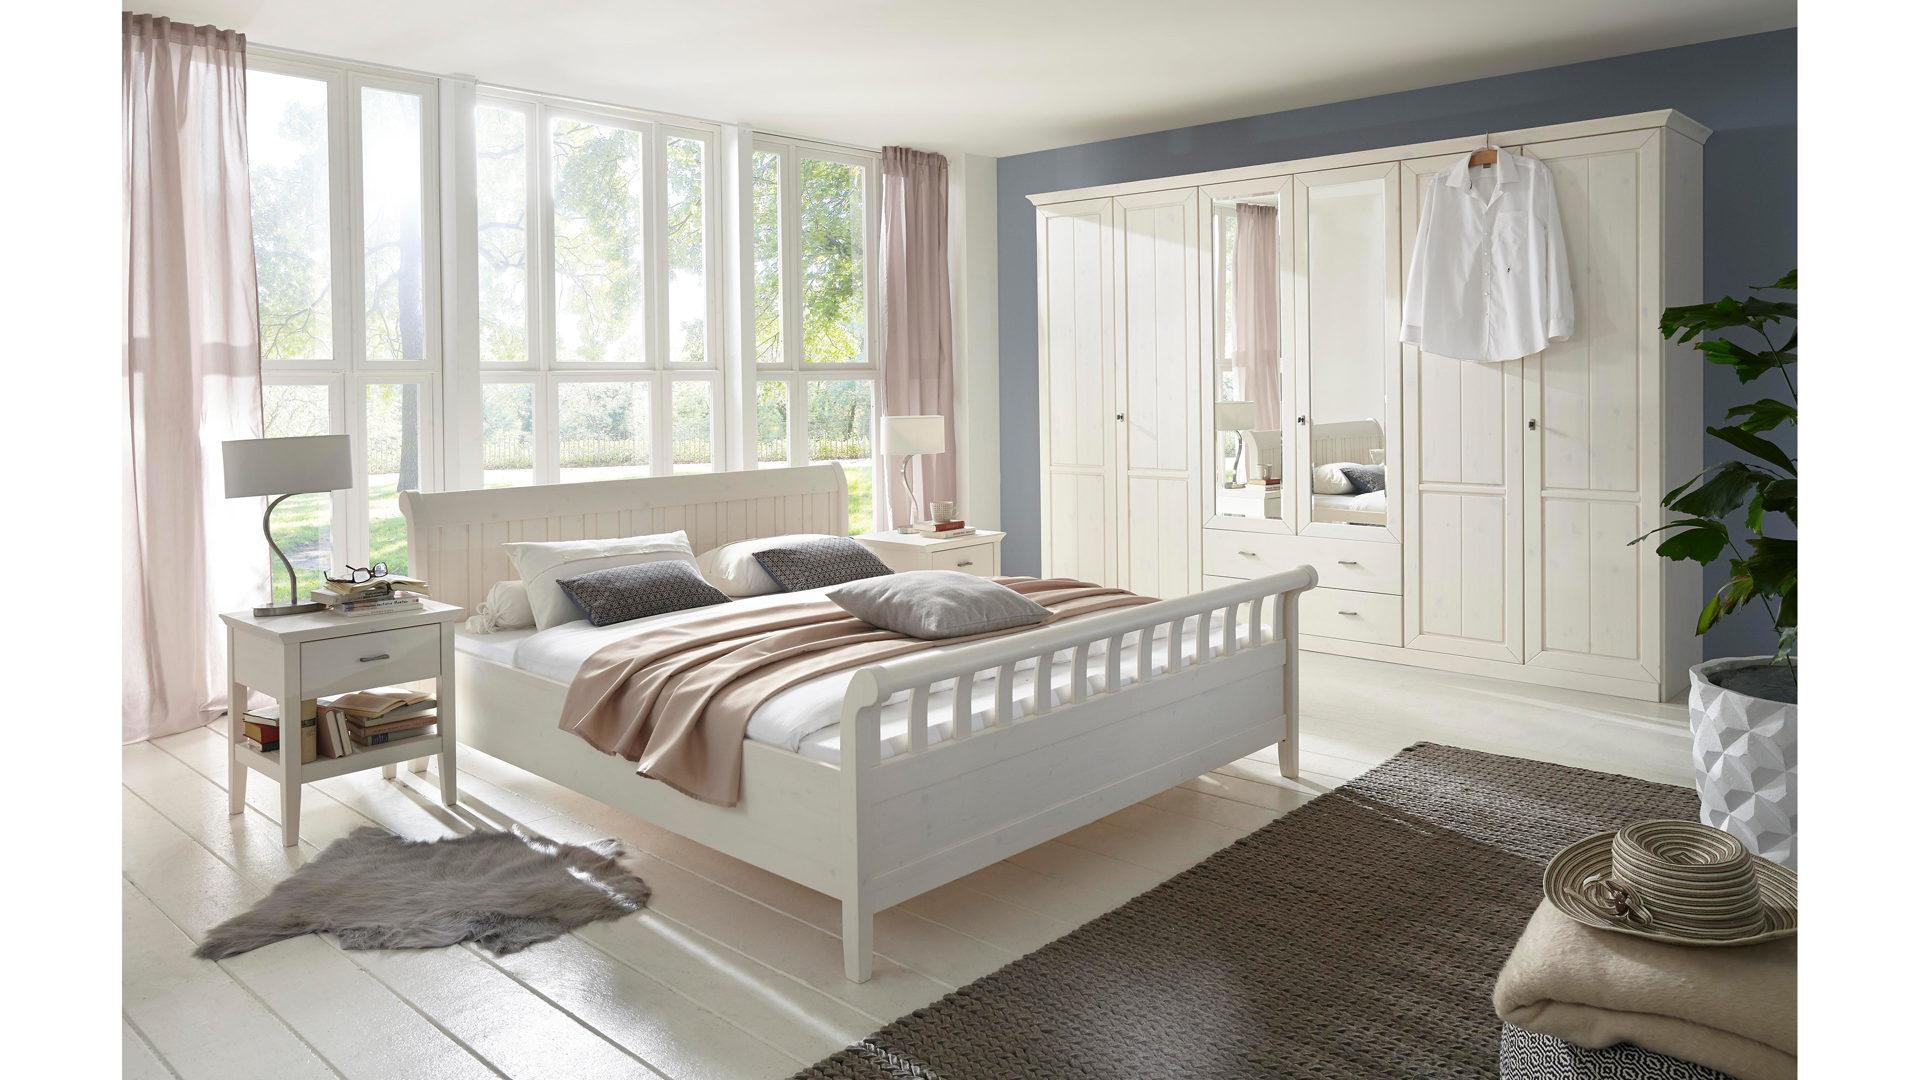 Landhausmöbel schlafzimmer weiß  Funvit.com | Wandschrank Shabby